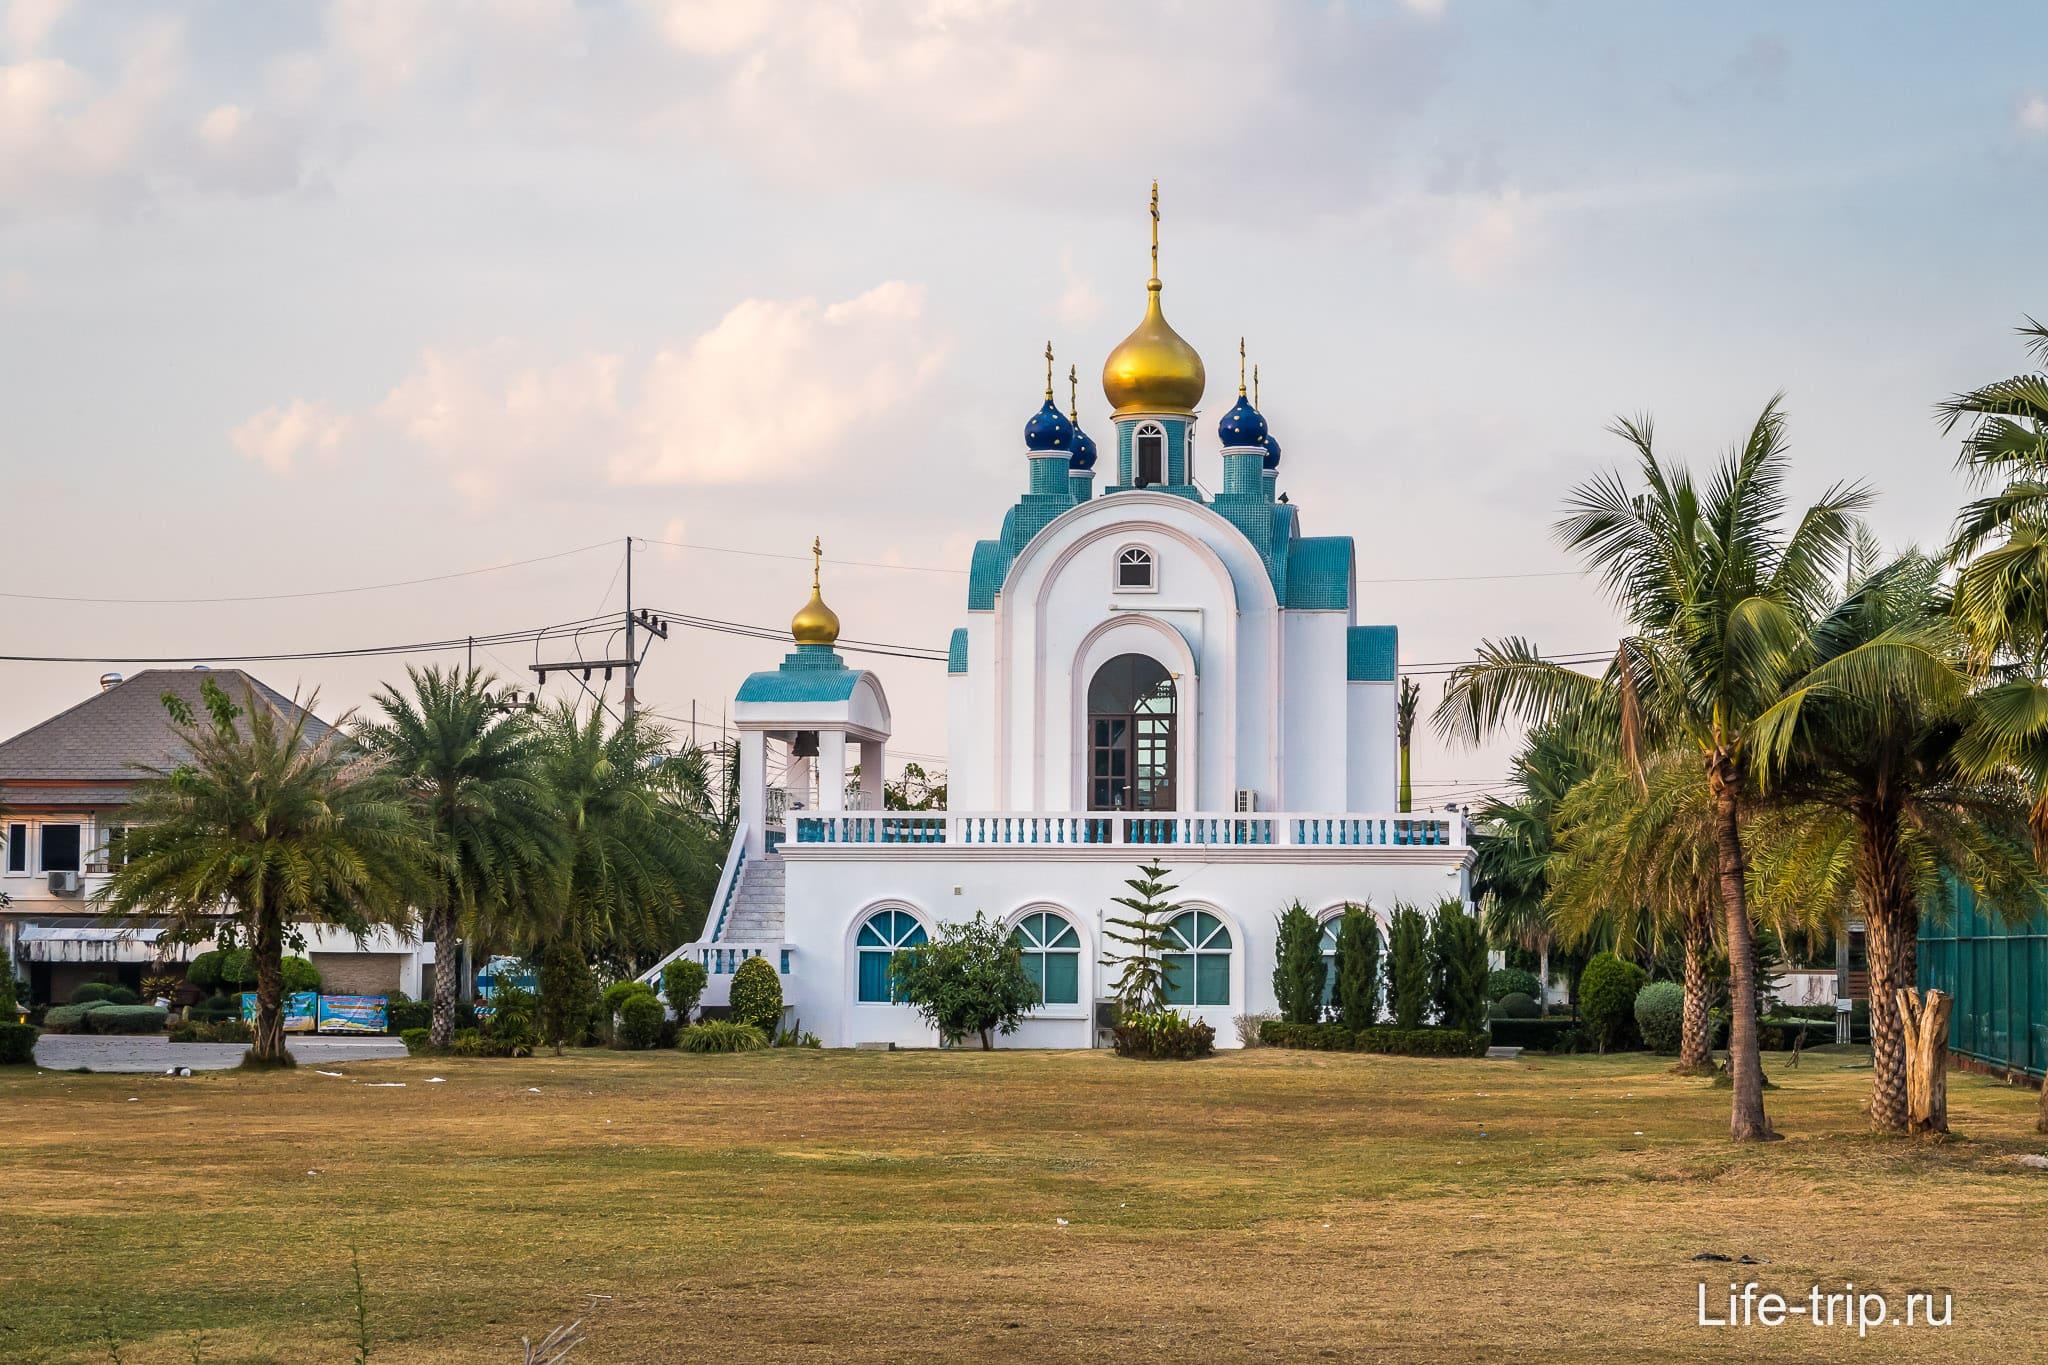 Православный Храм Покрова Пресвятой Богородицы